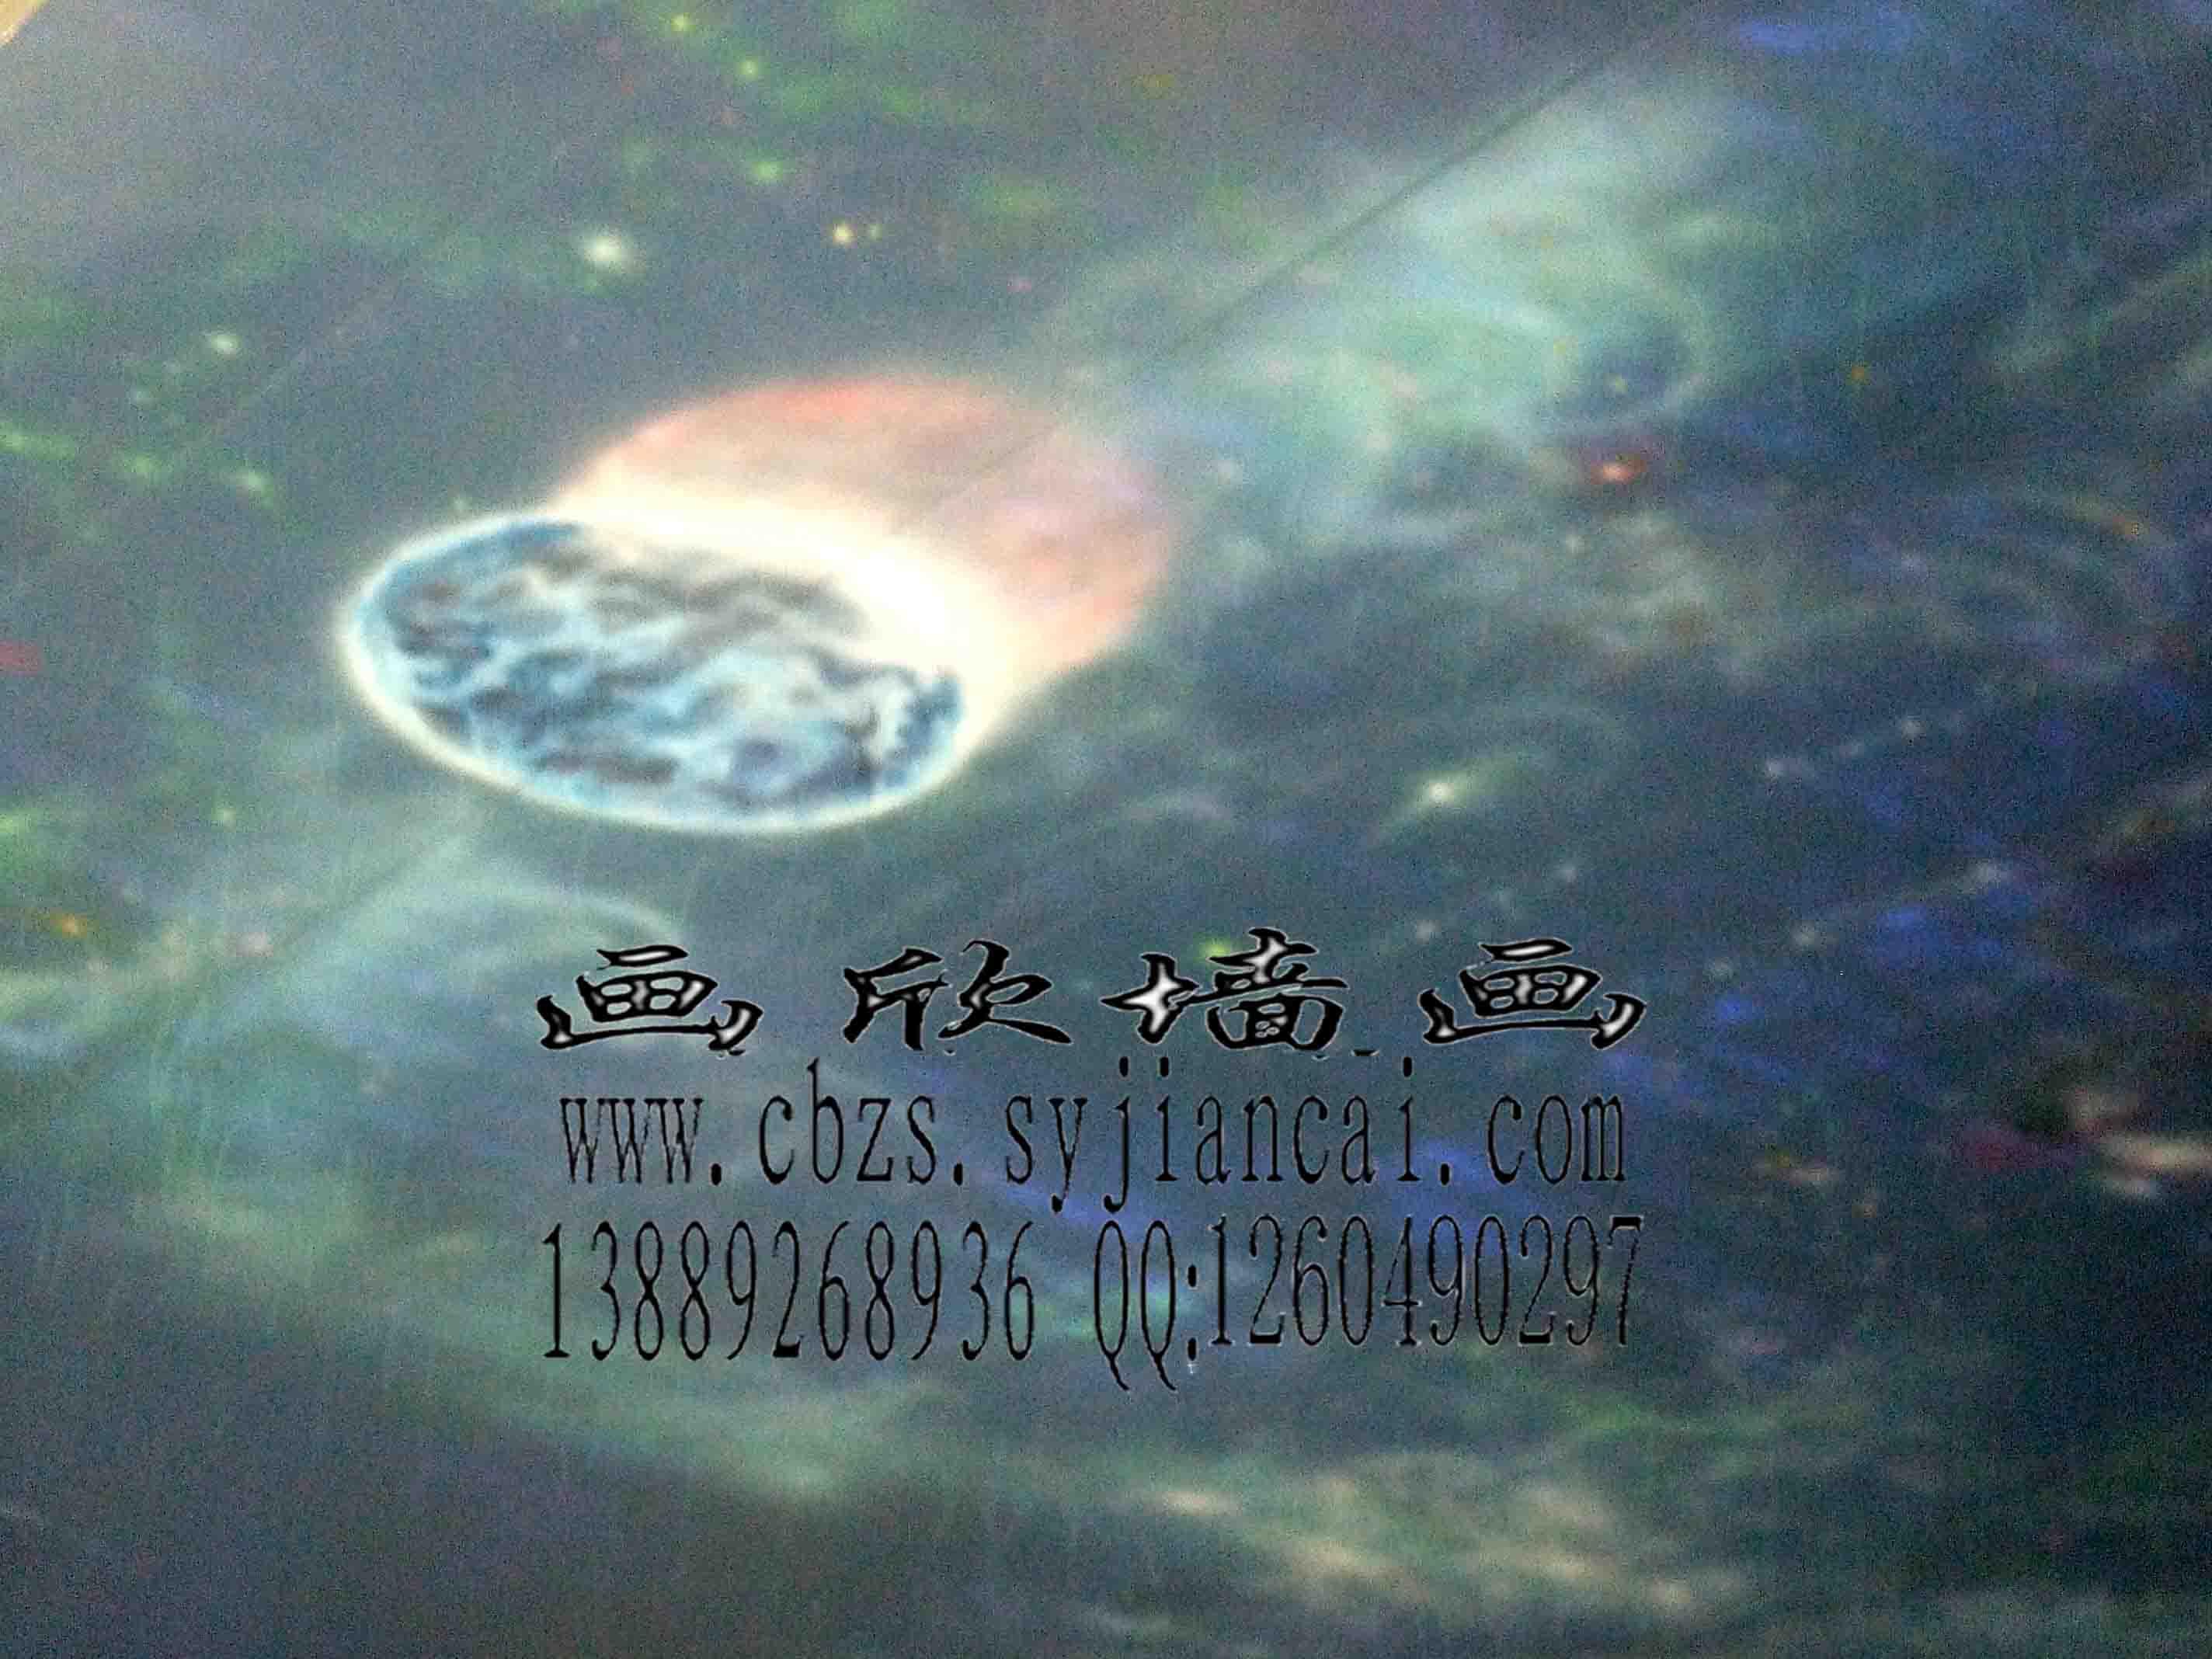 隐形幻彩魔画 640